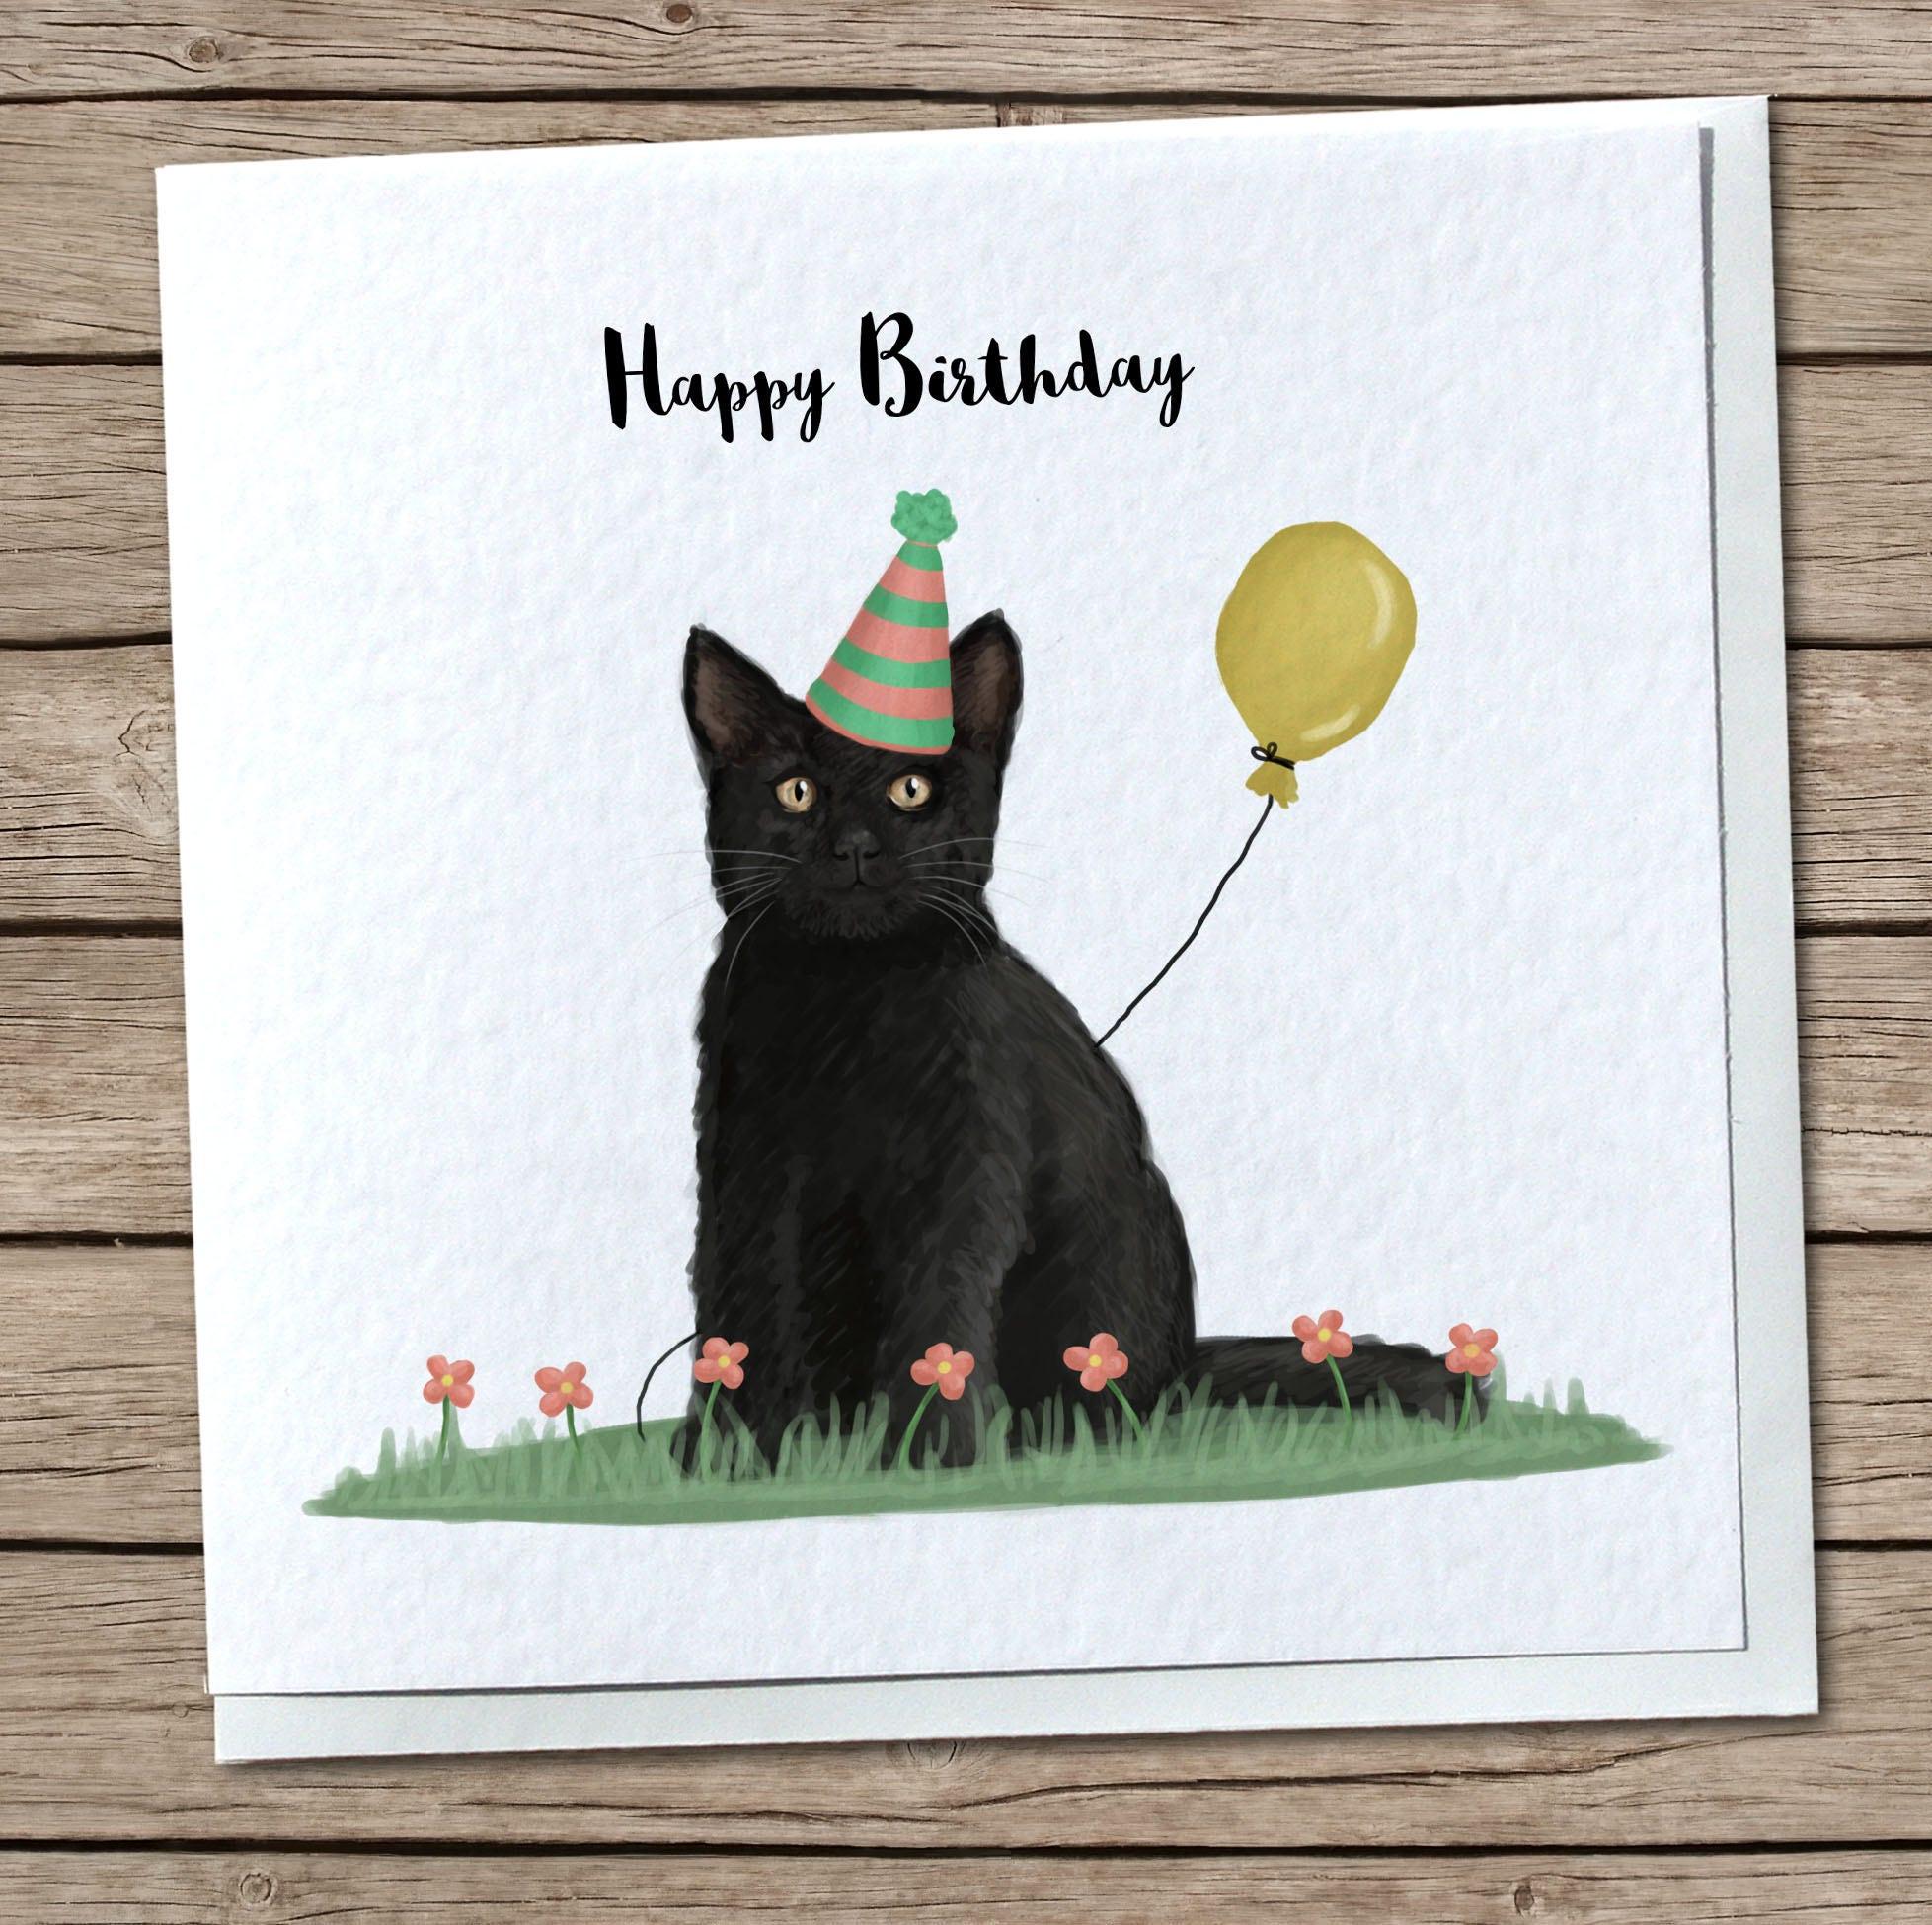 Cute black cat birthday greetings card zoom kristyandbryce Gallery